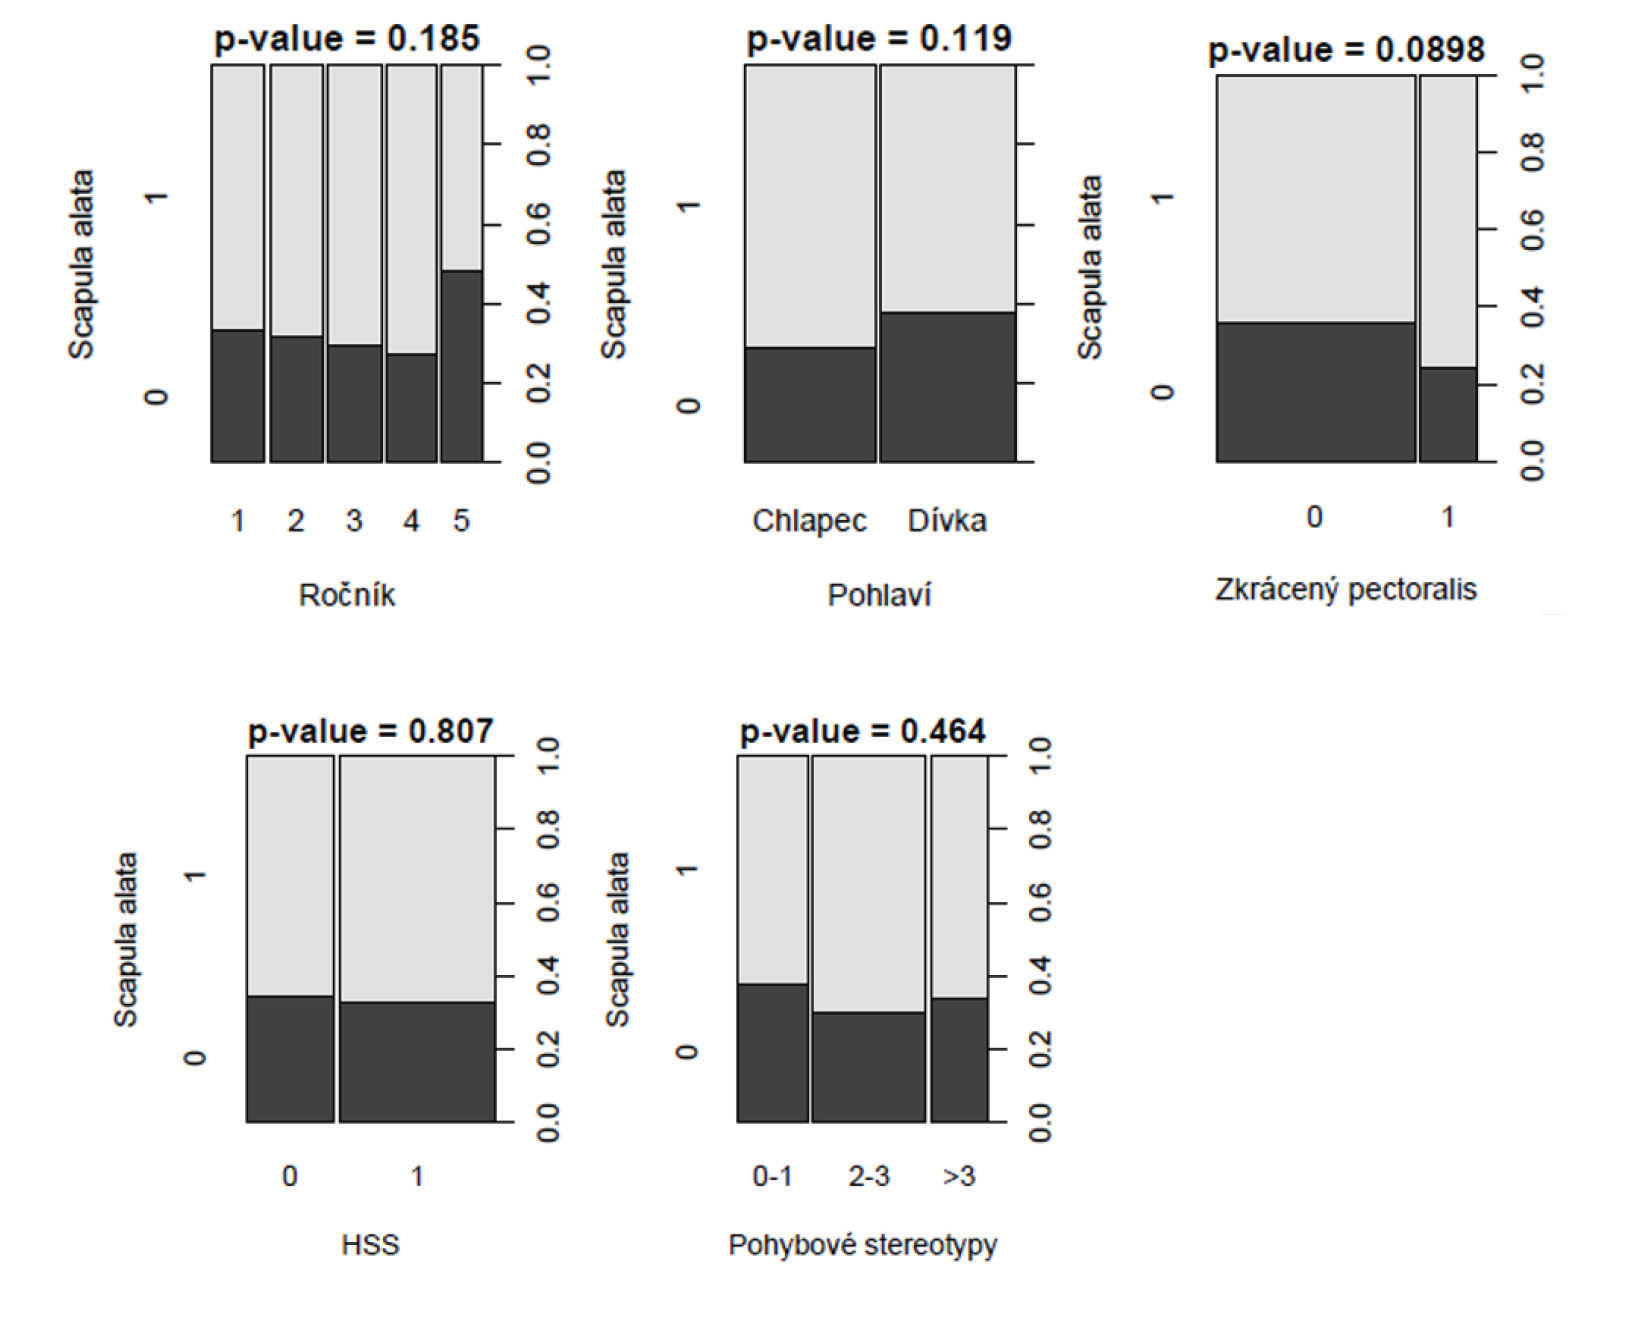 Znázornění souvislosti mezi scapula alata s věkem (ročník), pohlavím, úrovní trupové stabilizace (označeno HSS) a zkrácenými mm. pectorales minores pomocí chí kvadrát testu (n=298).